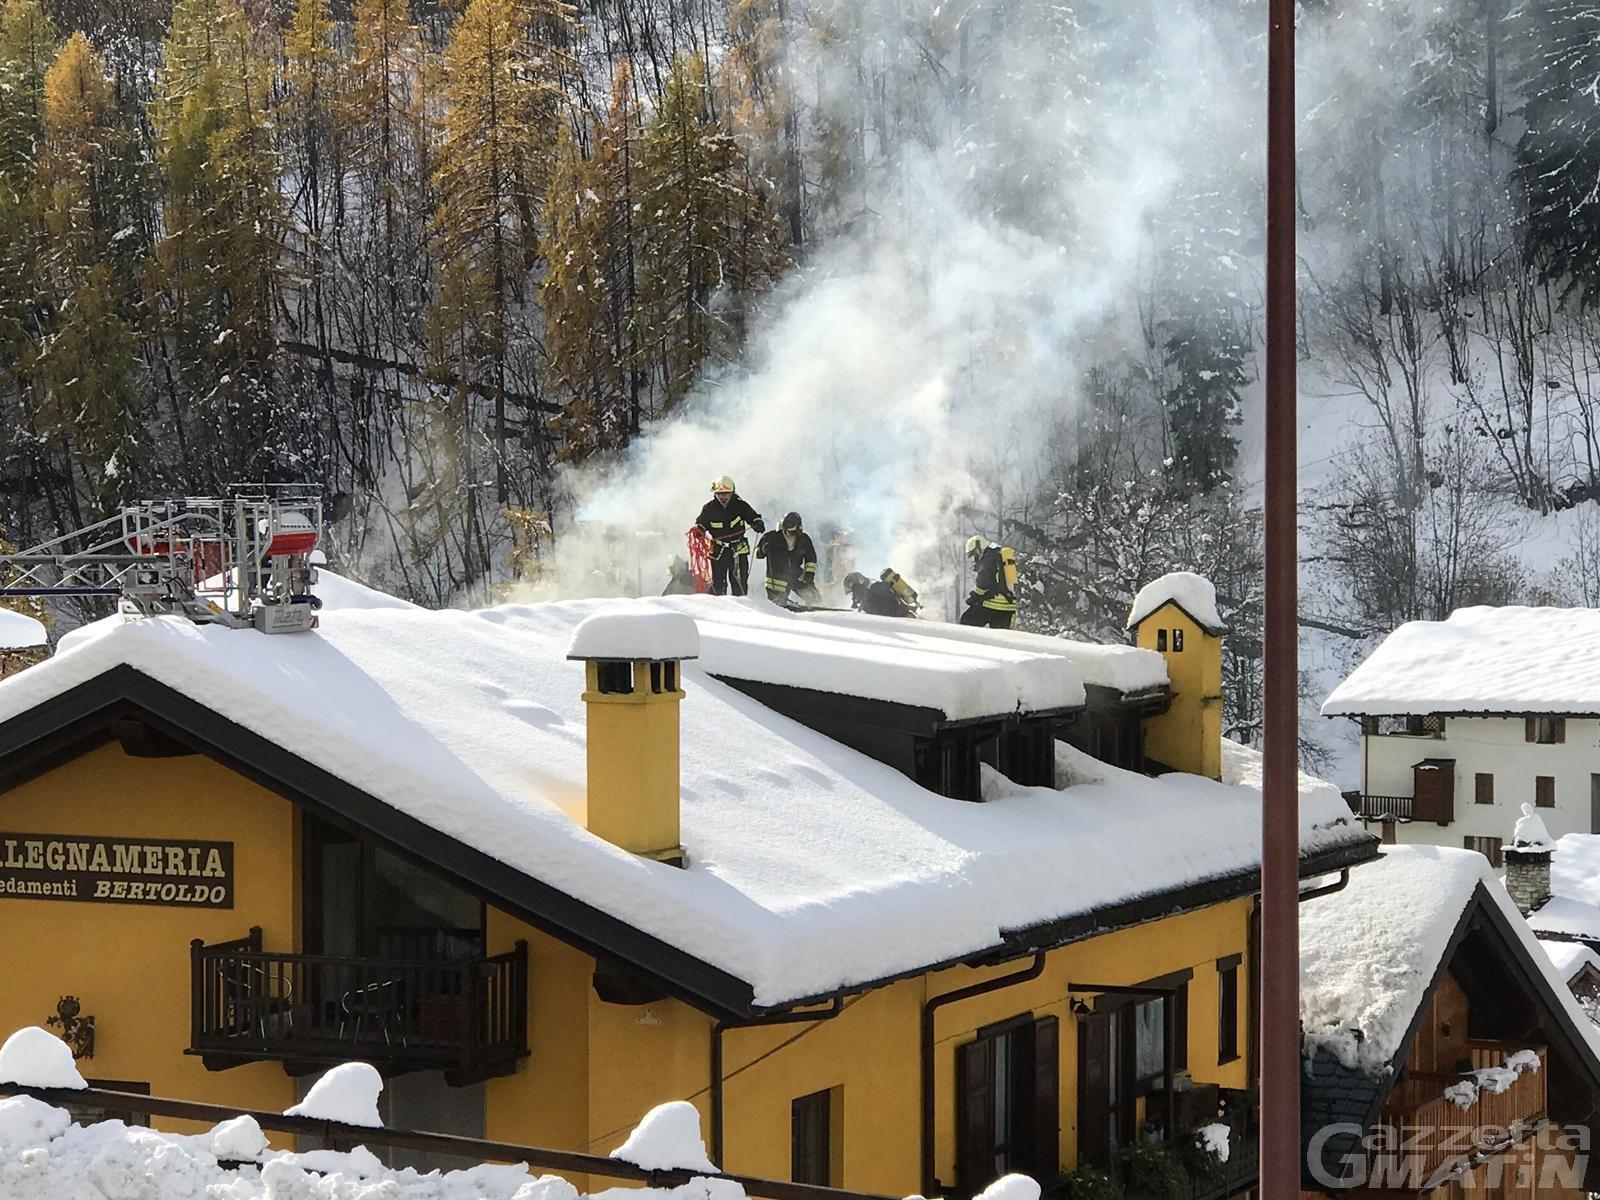 Incendio: fiamme nella falegnameria Duclos di Aosta